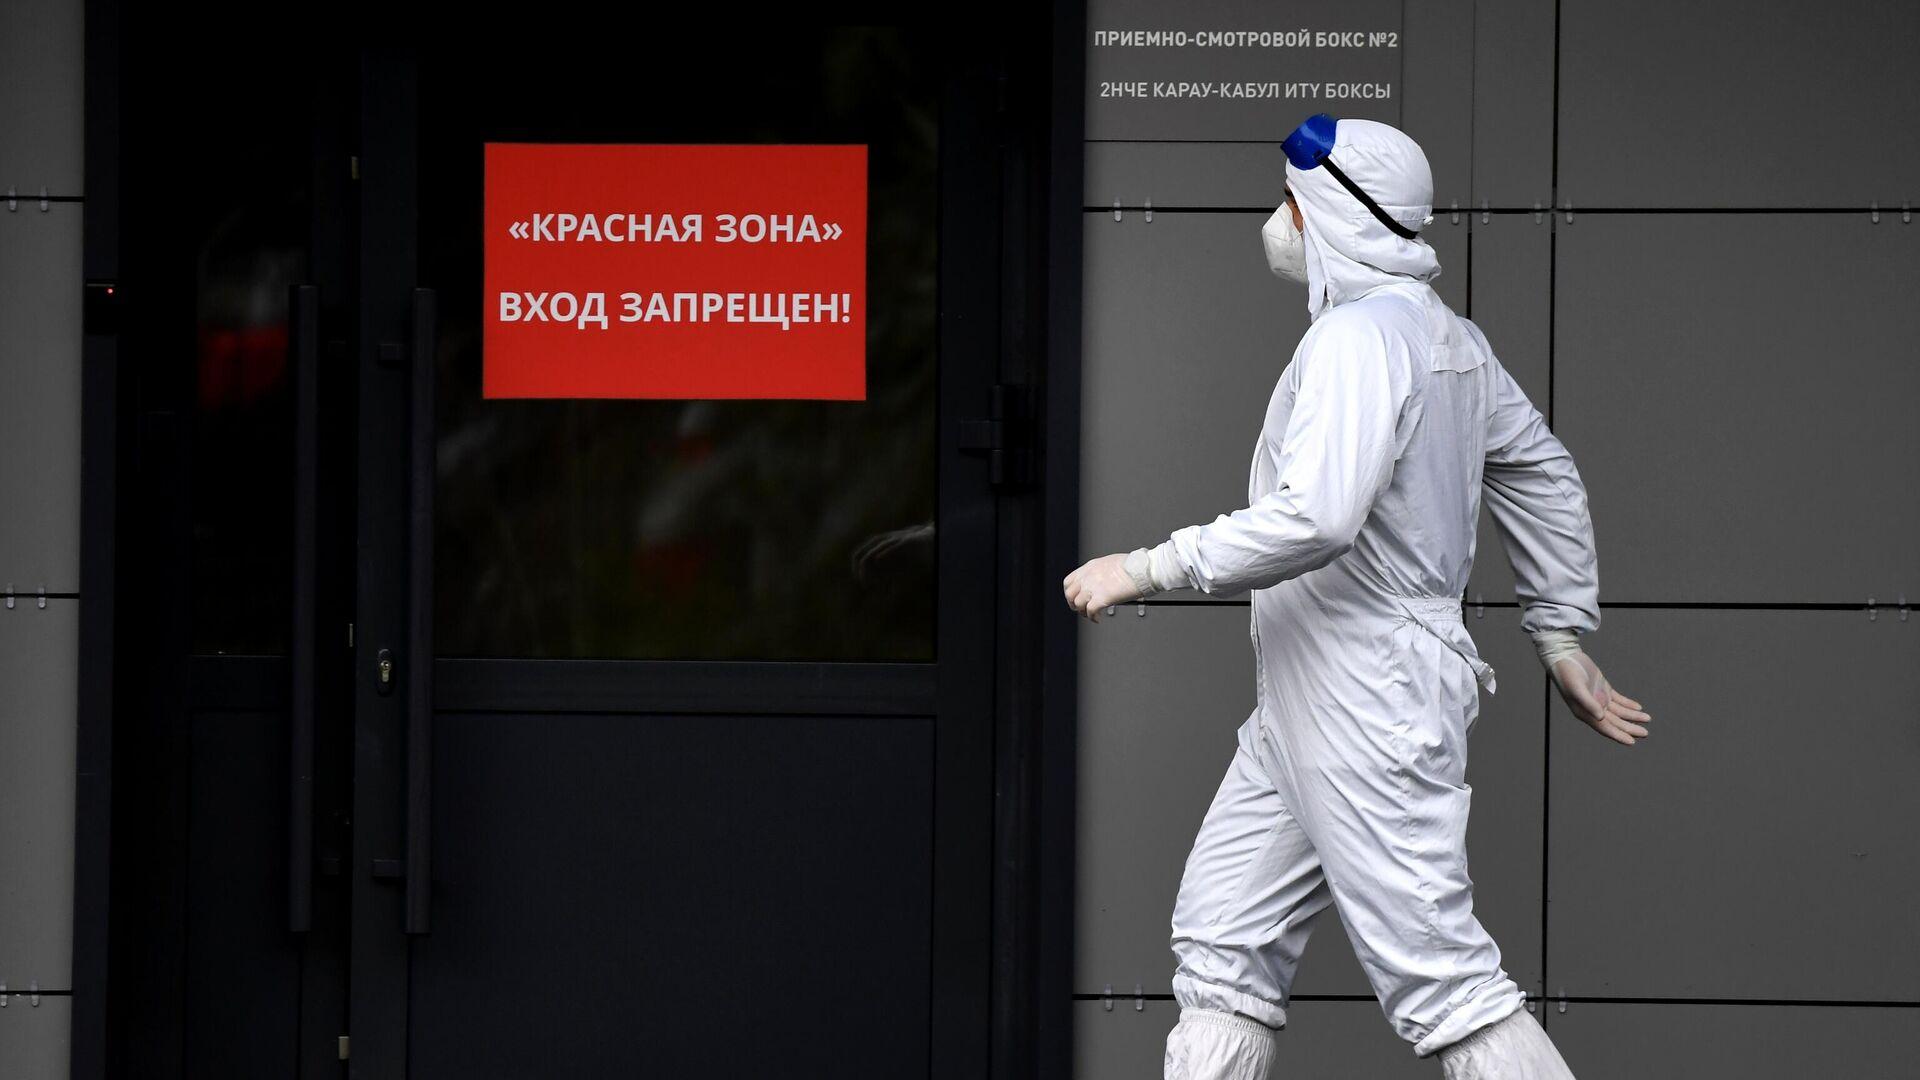 Медицинский сотрудник у входа в красную зону больницы, где ведется прием пациентов с COVID-19 - Sputnik Беларусь, 1920, 13.10.2021